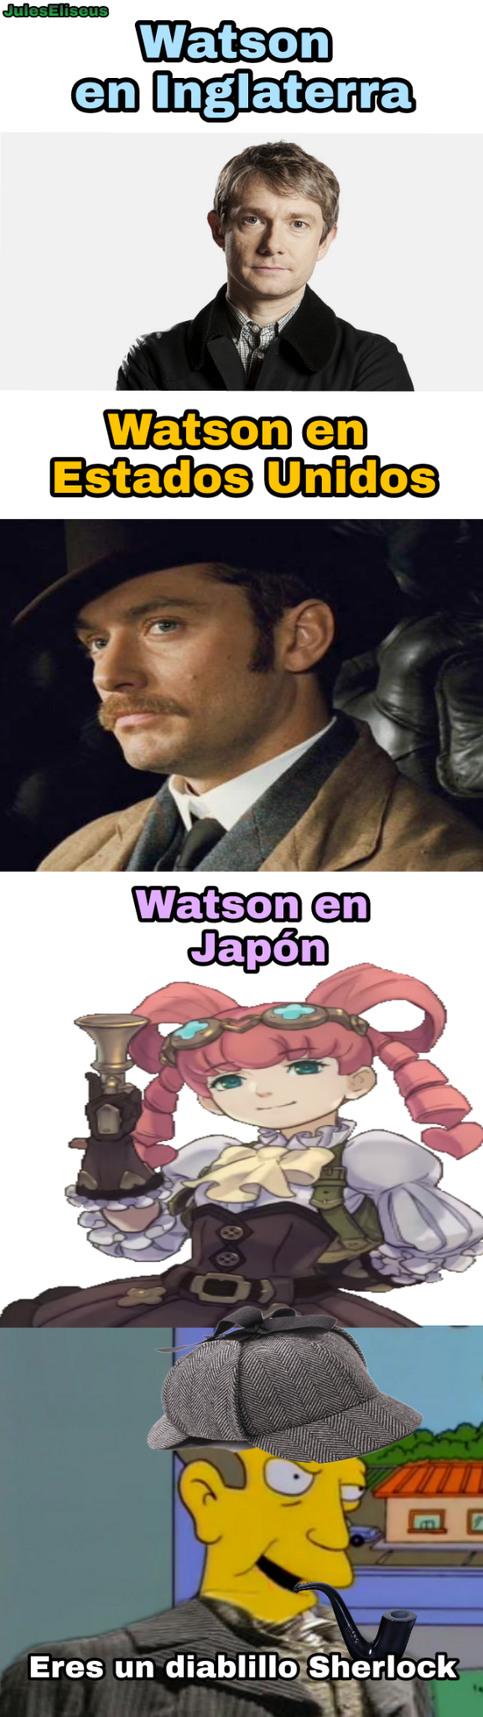 Sherlock Holmes y el caso nipón - meme